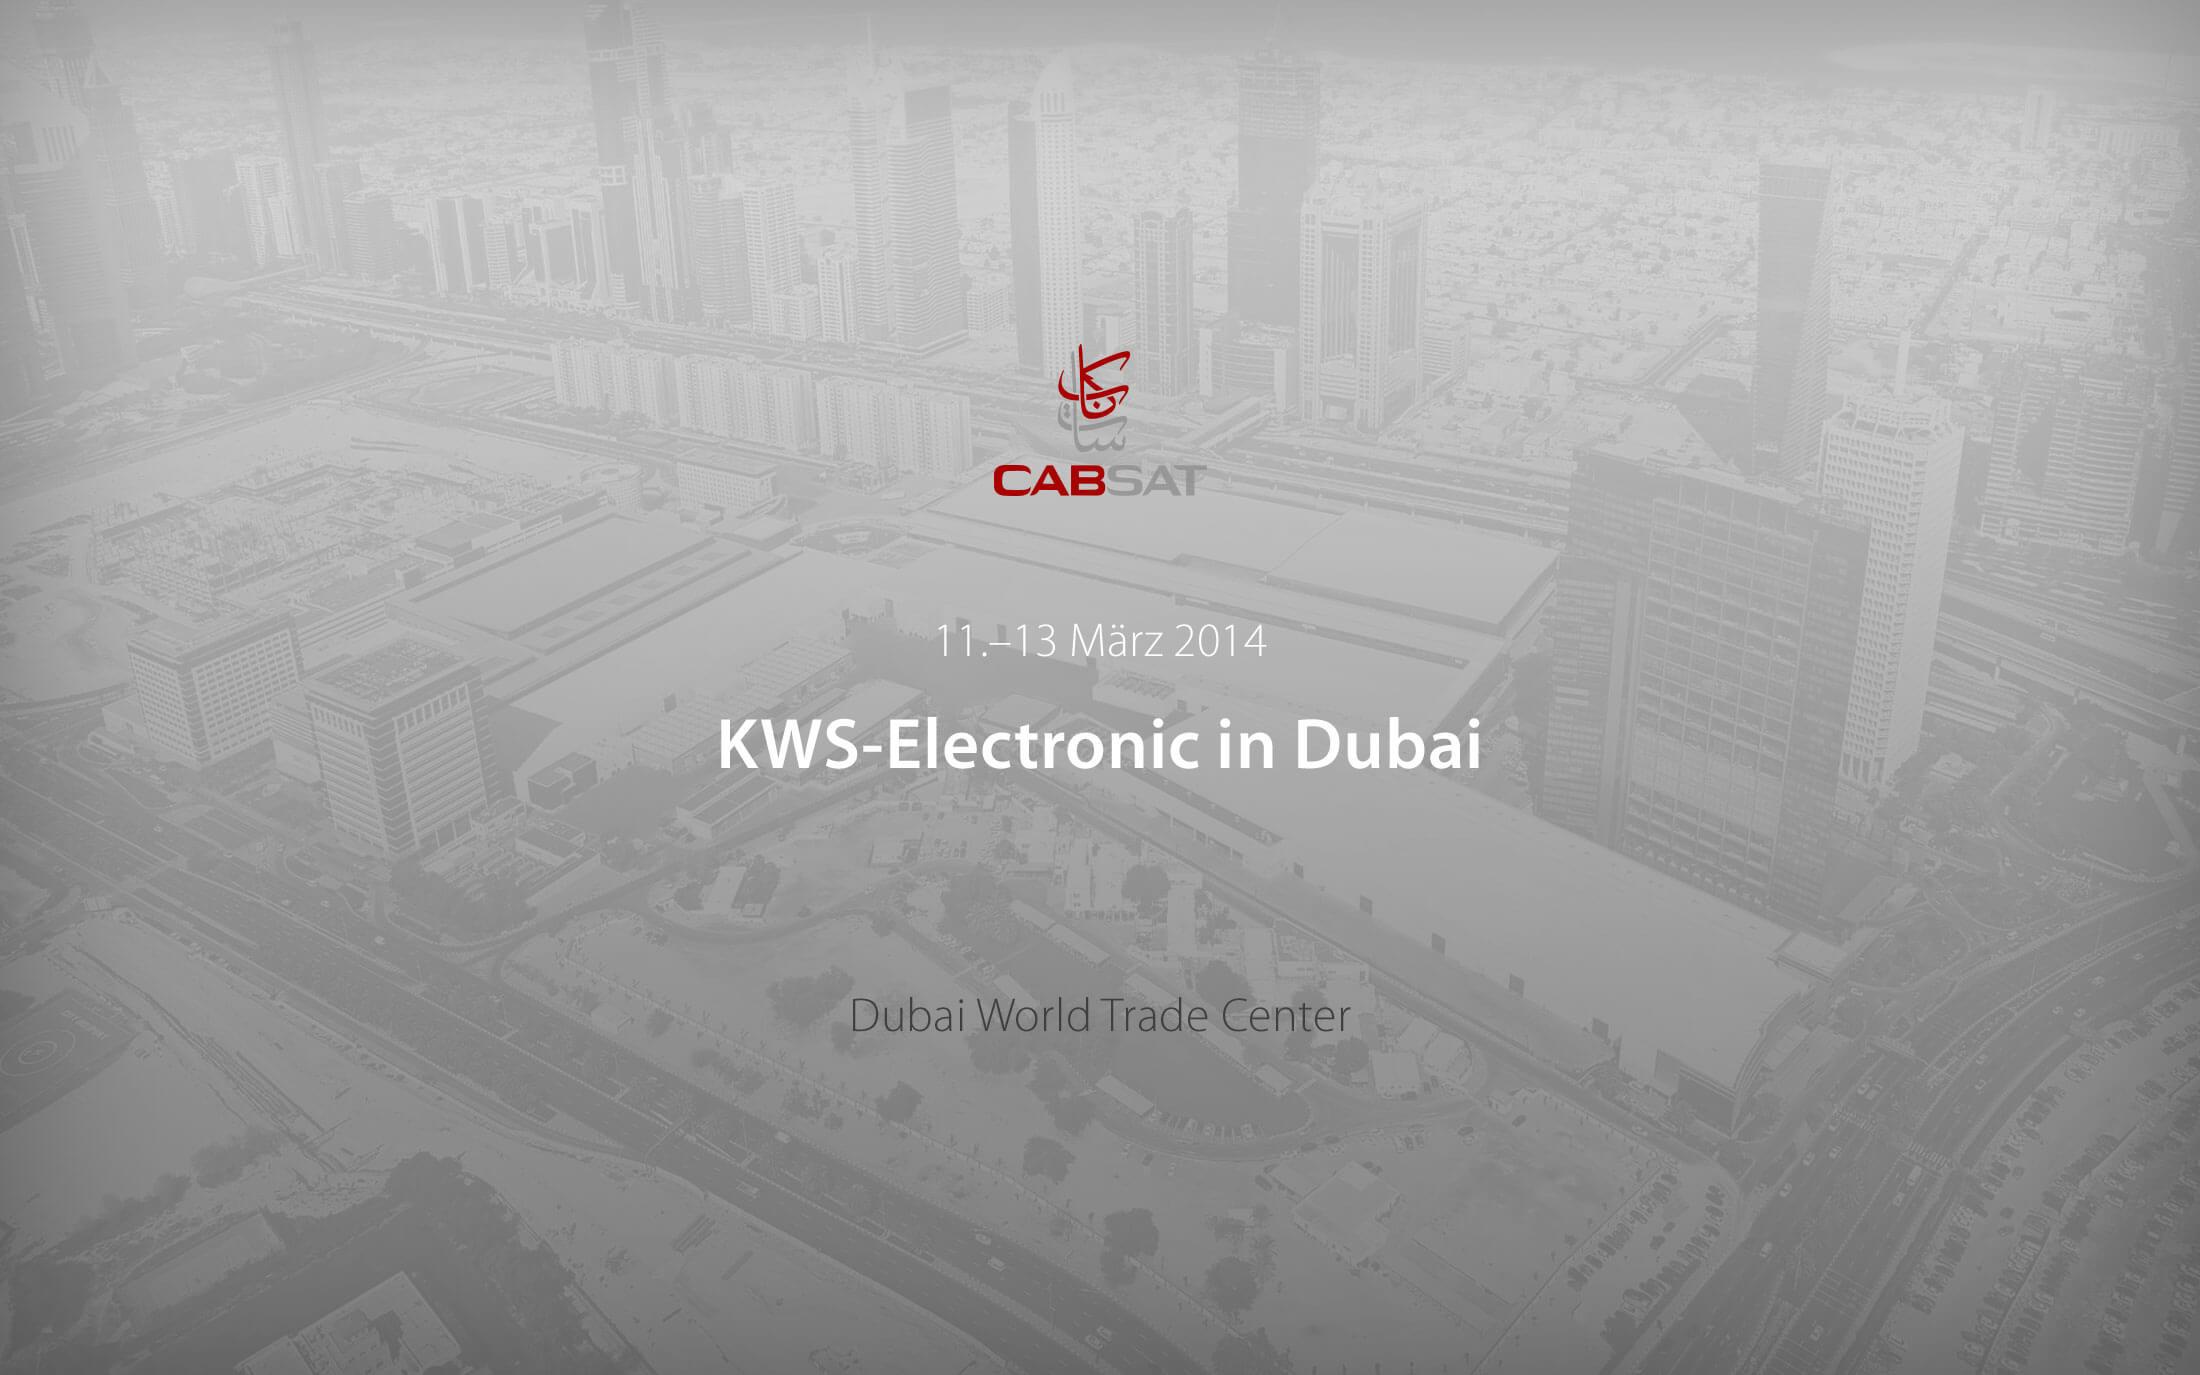 KWS-Electronic auf der CABSAT 2014 in Dubai